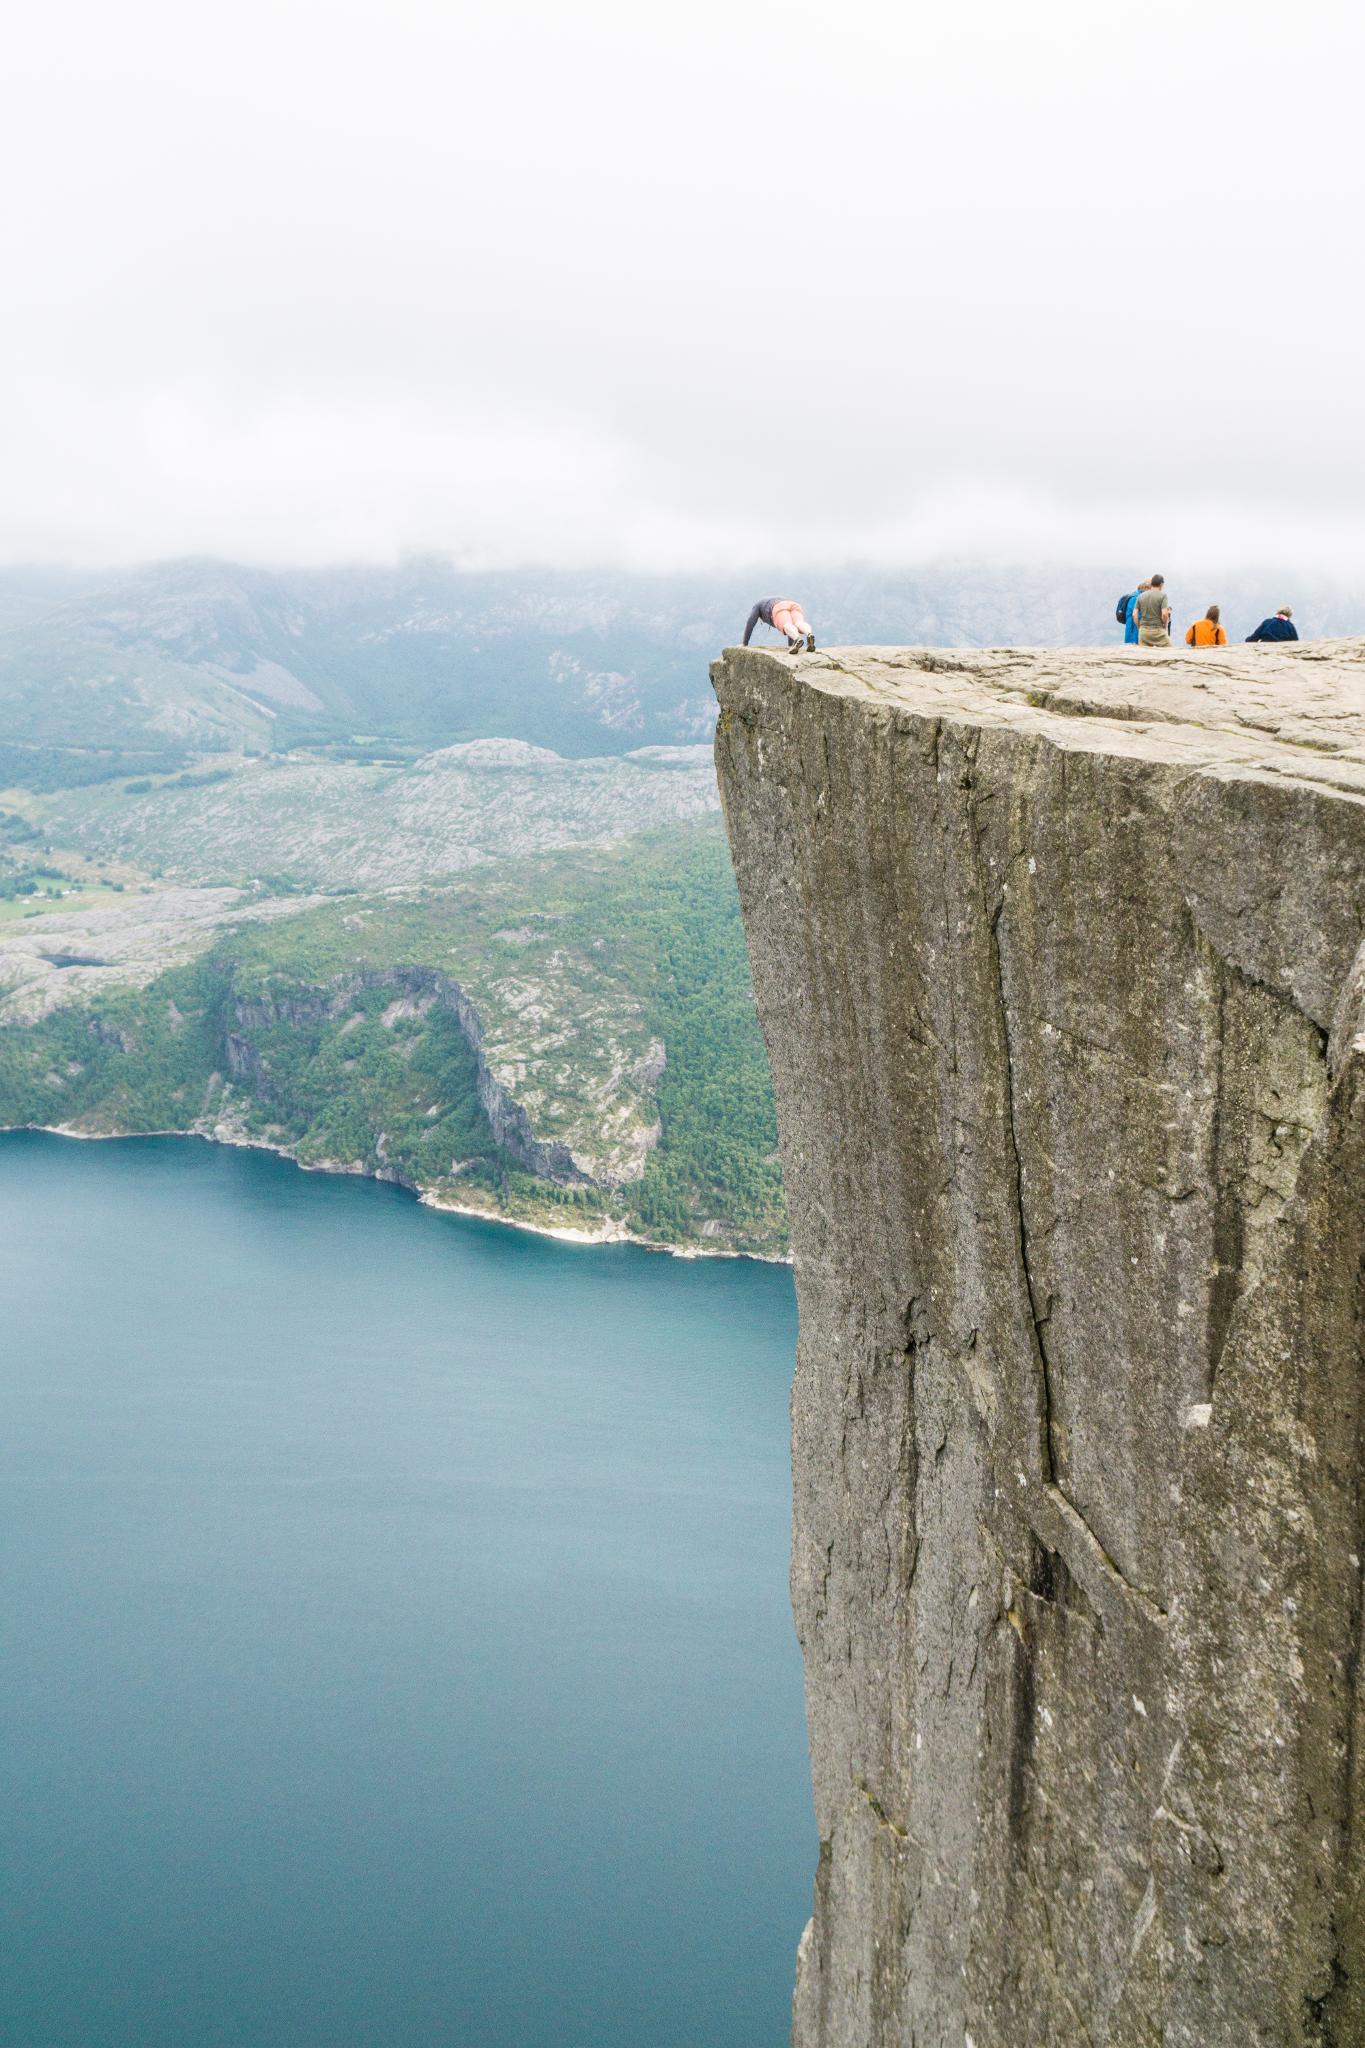 【北歐景點】朝聖挪威三大奇岩:聖壇岩Preikestolen健行紀錄 20